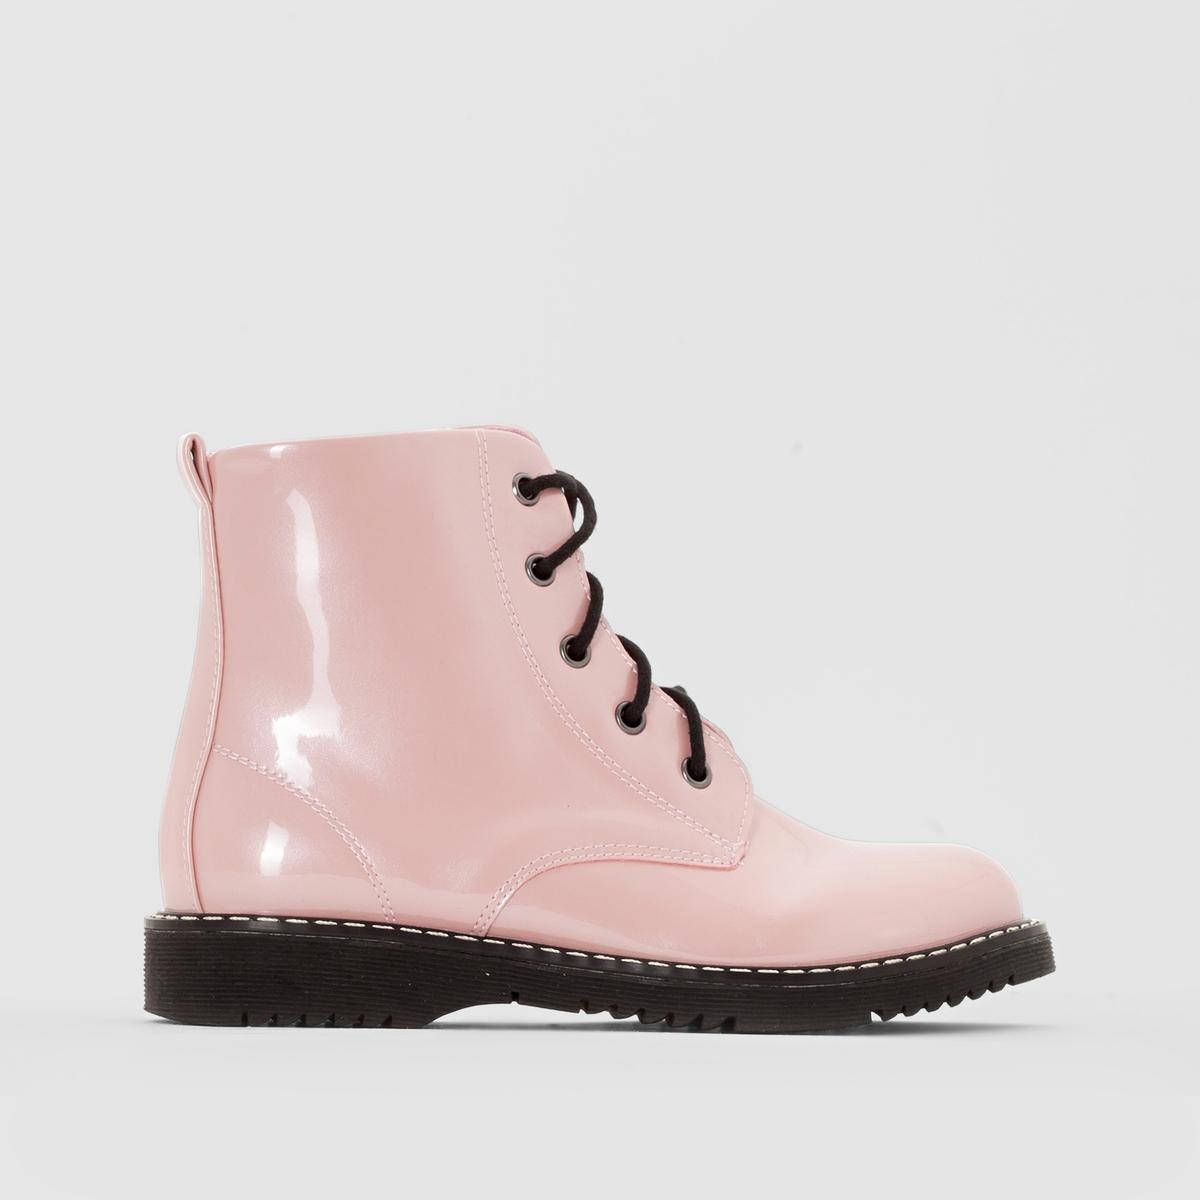 Ботинки лакированныеБотинки в бойцовском стиле из мягкого лакированного материала : обувь для постоянного ношения в школе и для прогулок !<br><br>Цвет: перламутрово-розовый<br>Размер: 38